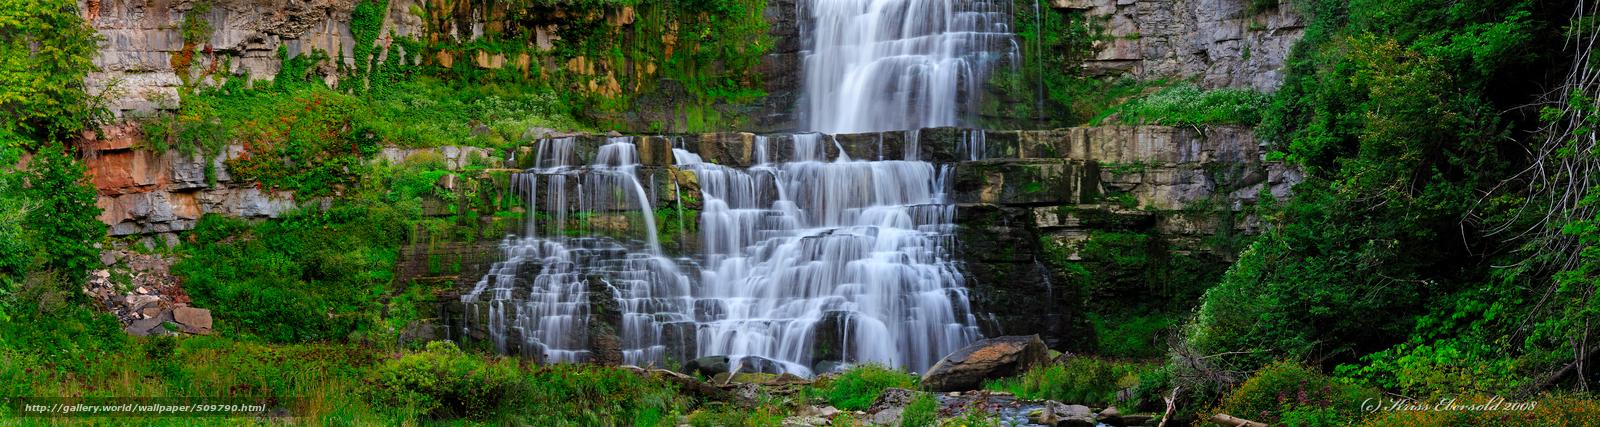 Скачать обои водопад,  поток,  скалы,  пейзаж бесплатно для рабочего стола в разрешении 4500x1200 — картинка №509790